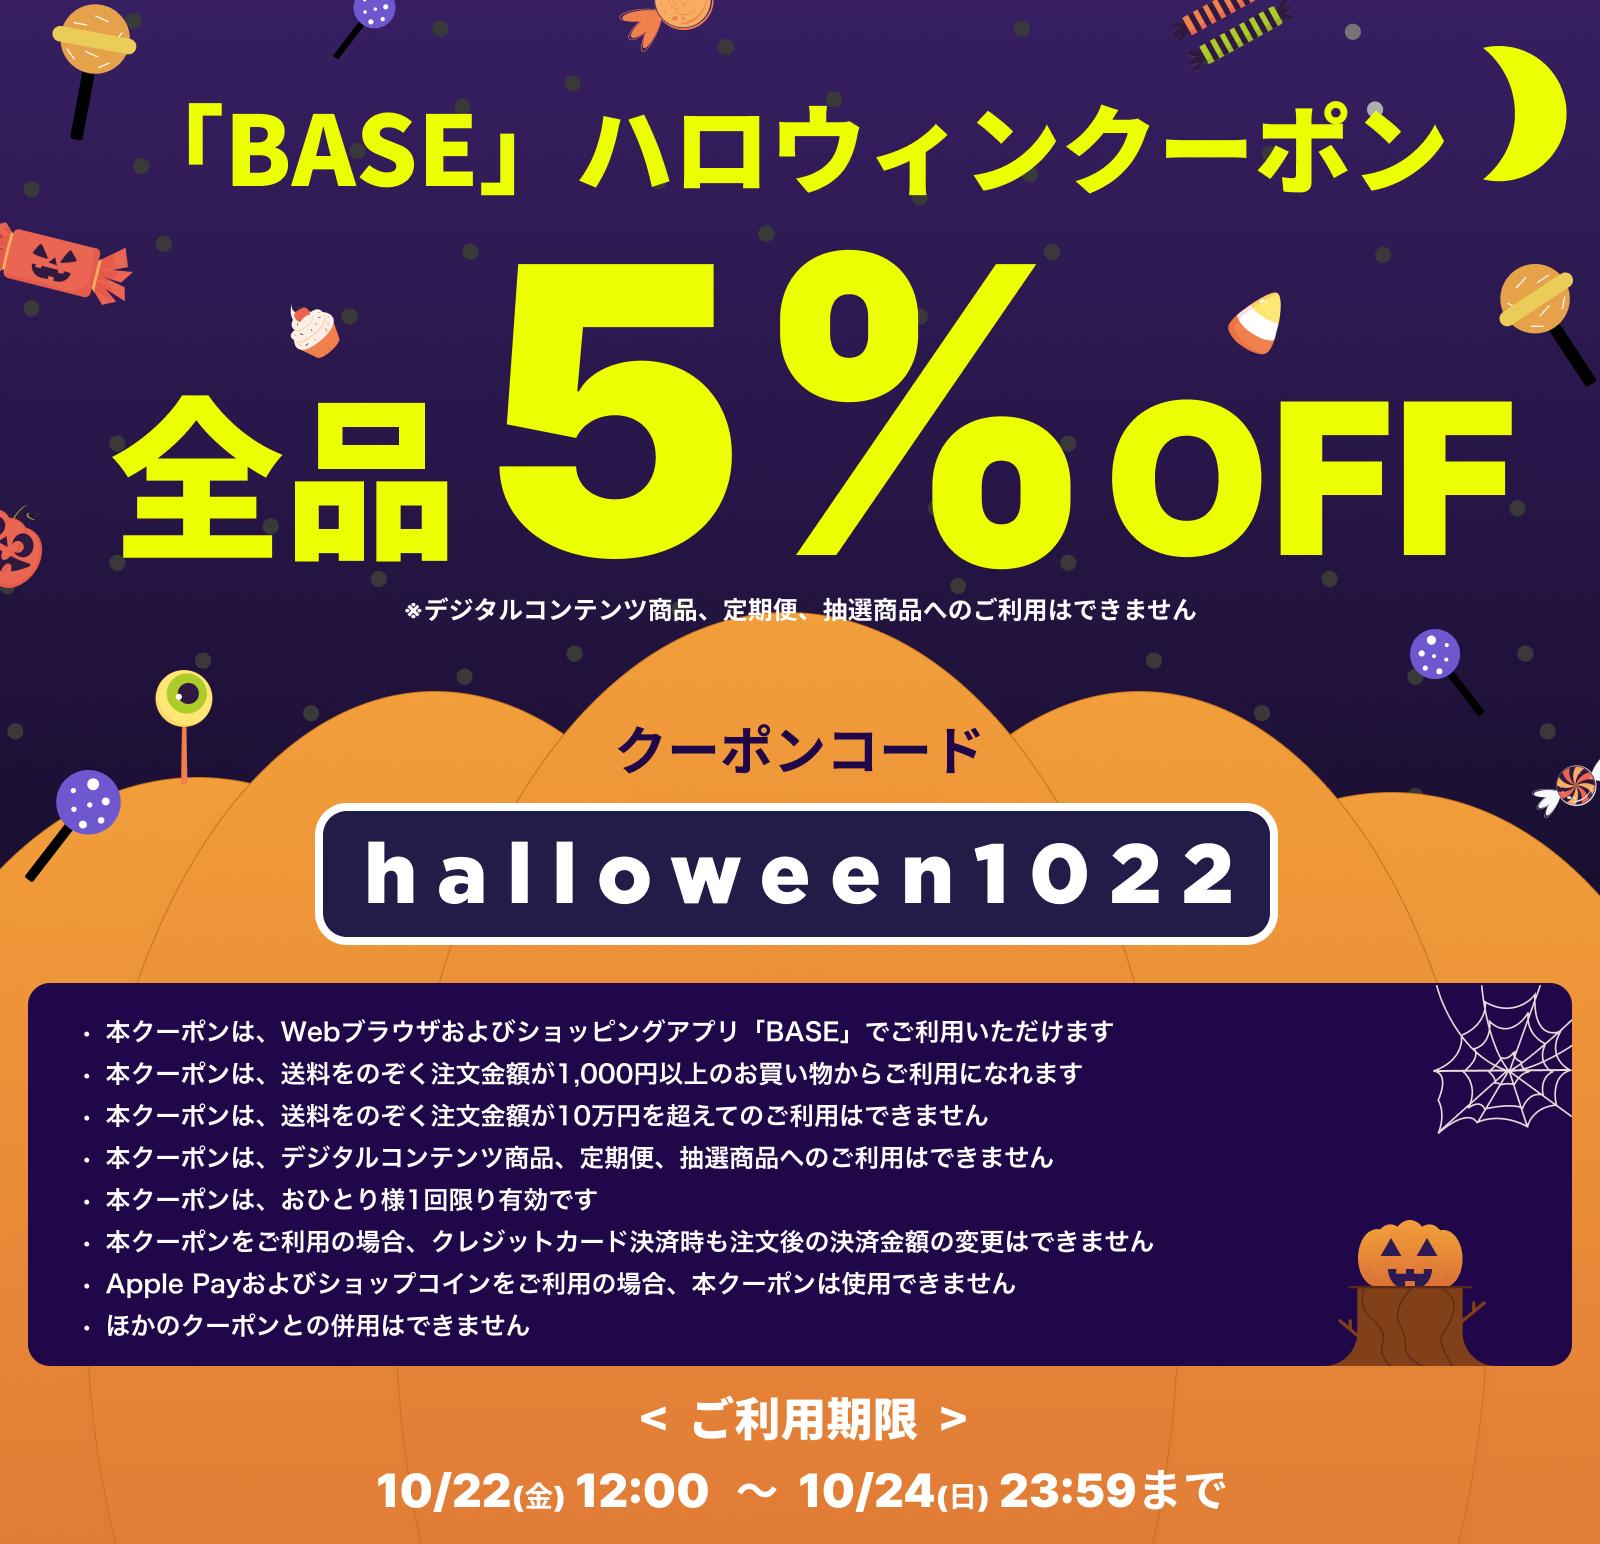 【10/22~10/24 期間限定】 「BASE」ハロウィンクーポンキャンペーンを実施。